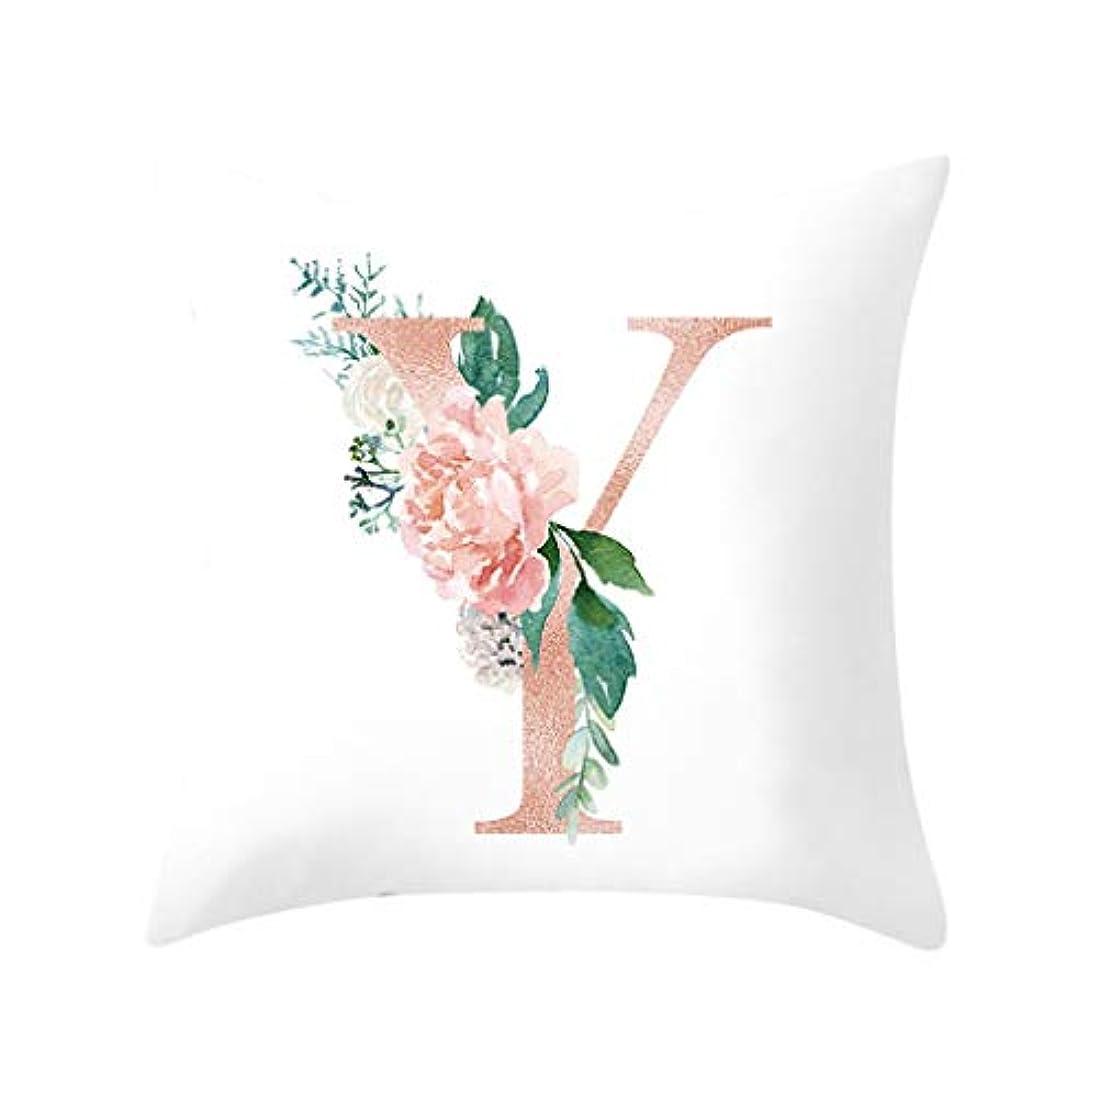 調べる安定苦痛LIFE 装飾クッションソファ手紙枕アルファベットクッション印刷ソファ家の装飾の花枕 coussin decoratif クッション 椅子